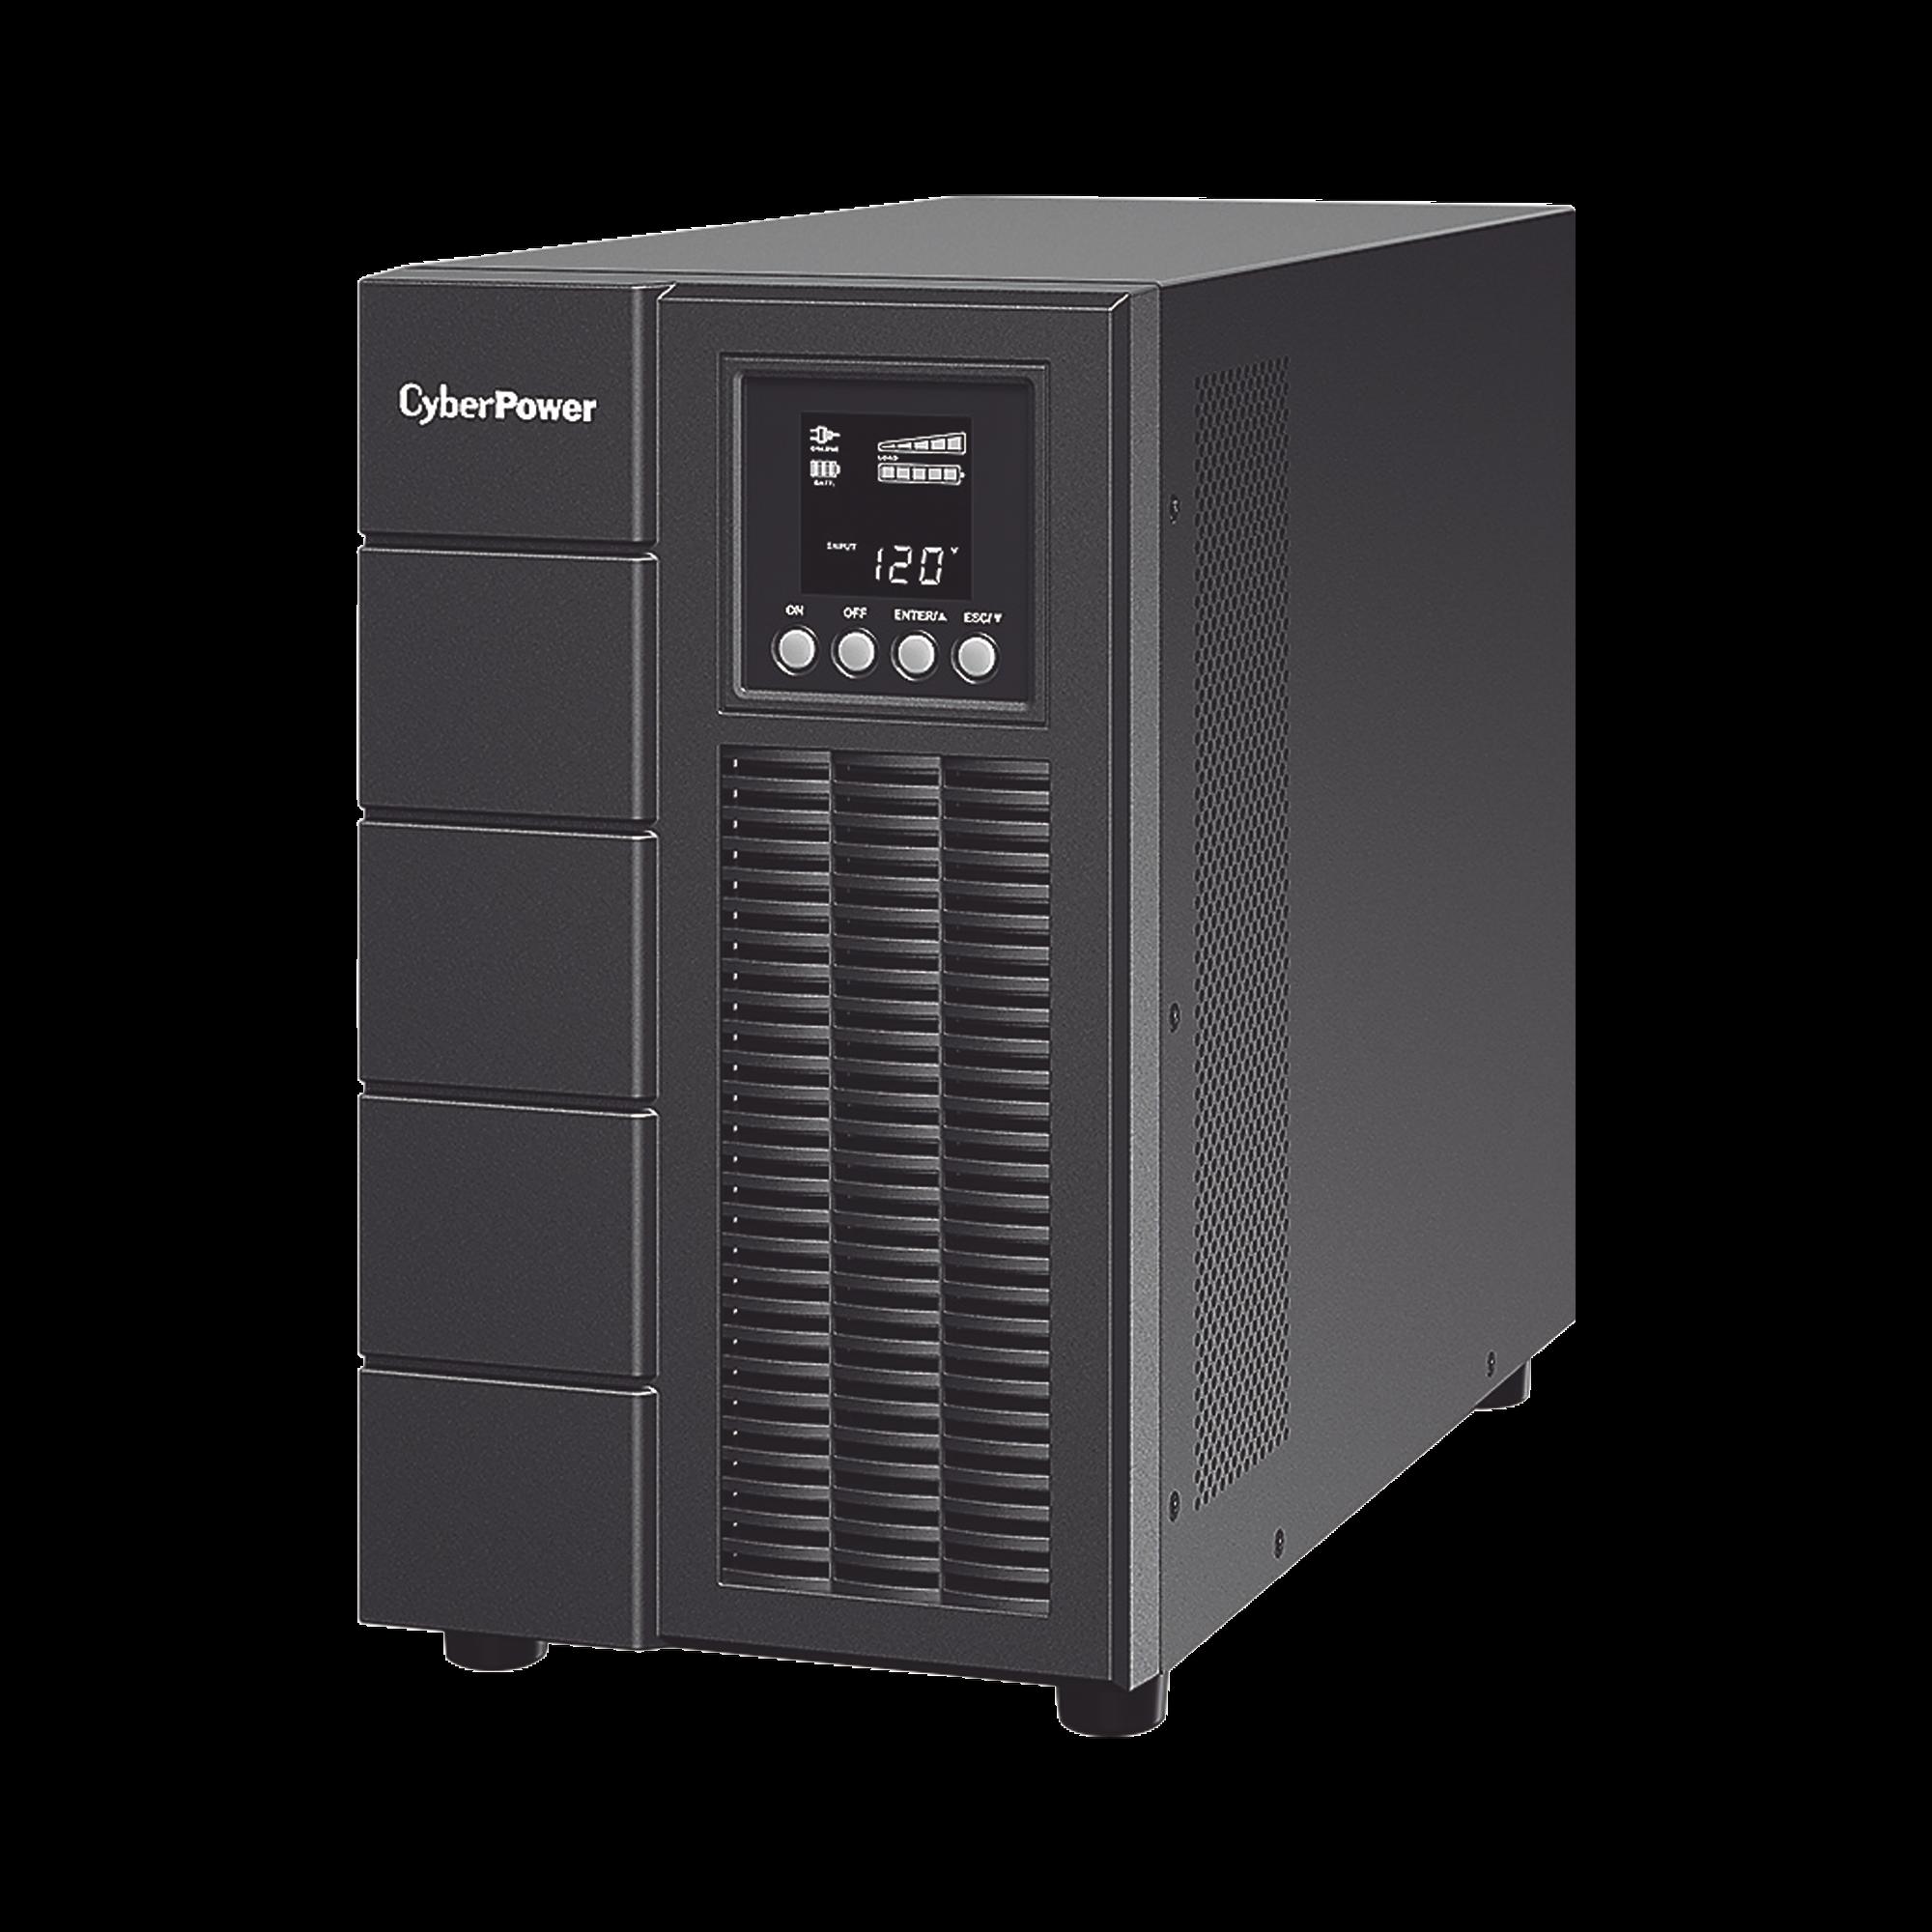 UPS de 3000 VA/2700 W, Online Doble Conversión, Entrada 120 Vca NEMA L5-30P, Onda Senoidal Pura, Tipo Torre, Con 6 Tomas NEMA 5-20R y 1 Block Hardwired